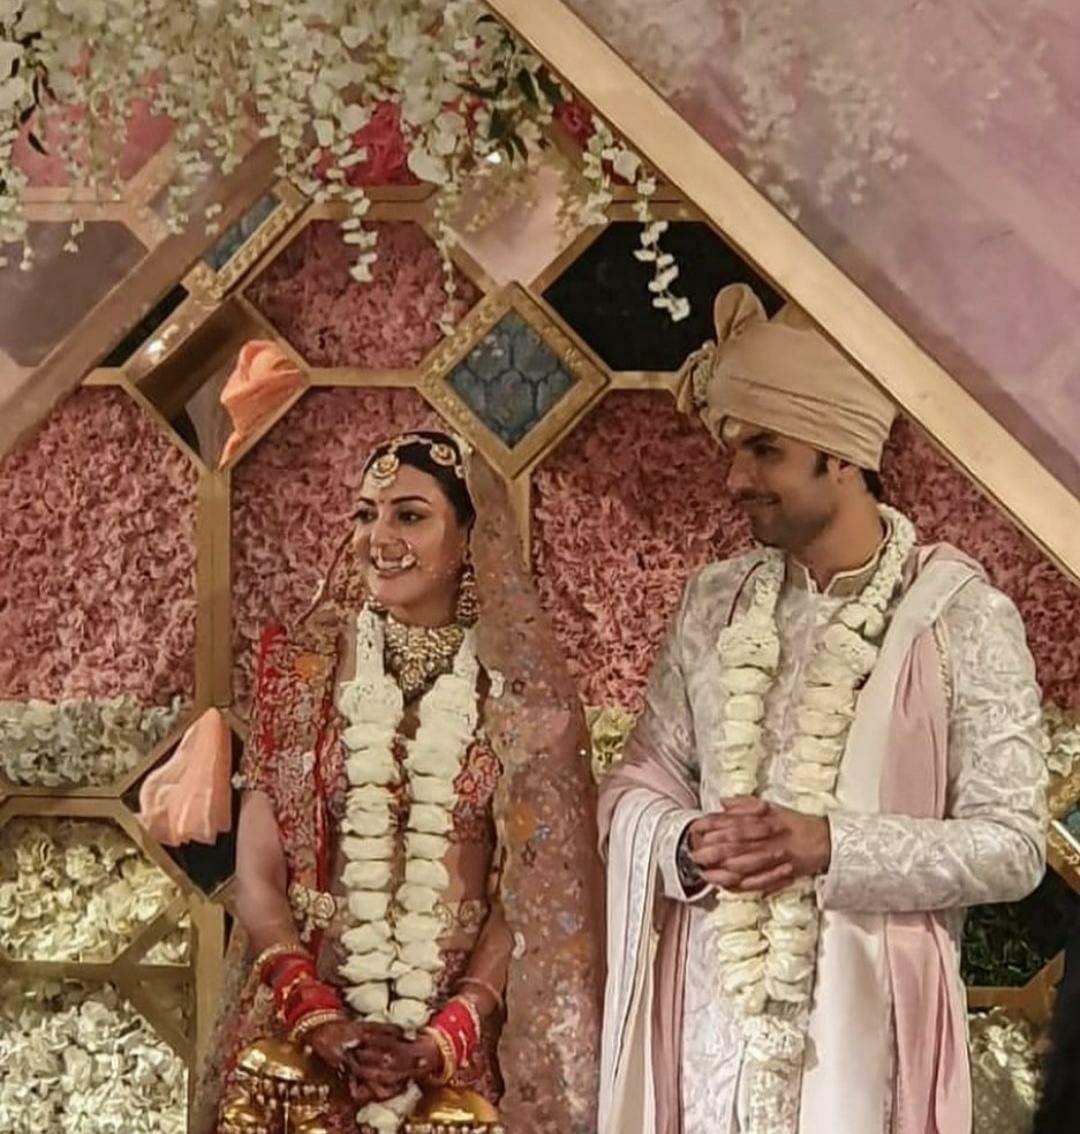 First Pics: सिंघम एक्ट्रेस काजल अग्रवाल बनीं मिसेज़ गौतम किचलू, देखिए शादी की तस्वीरें